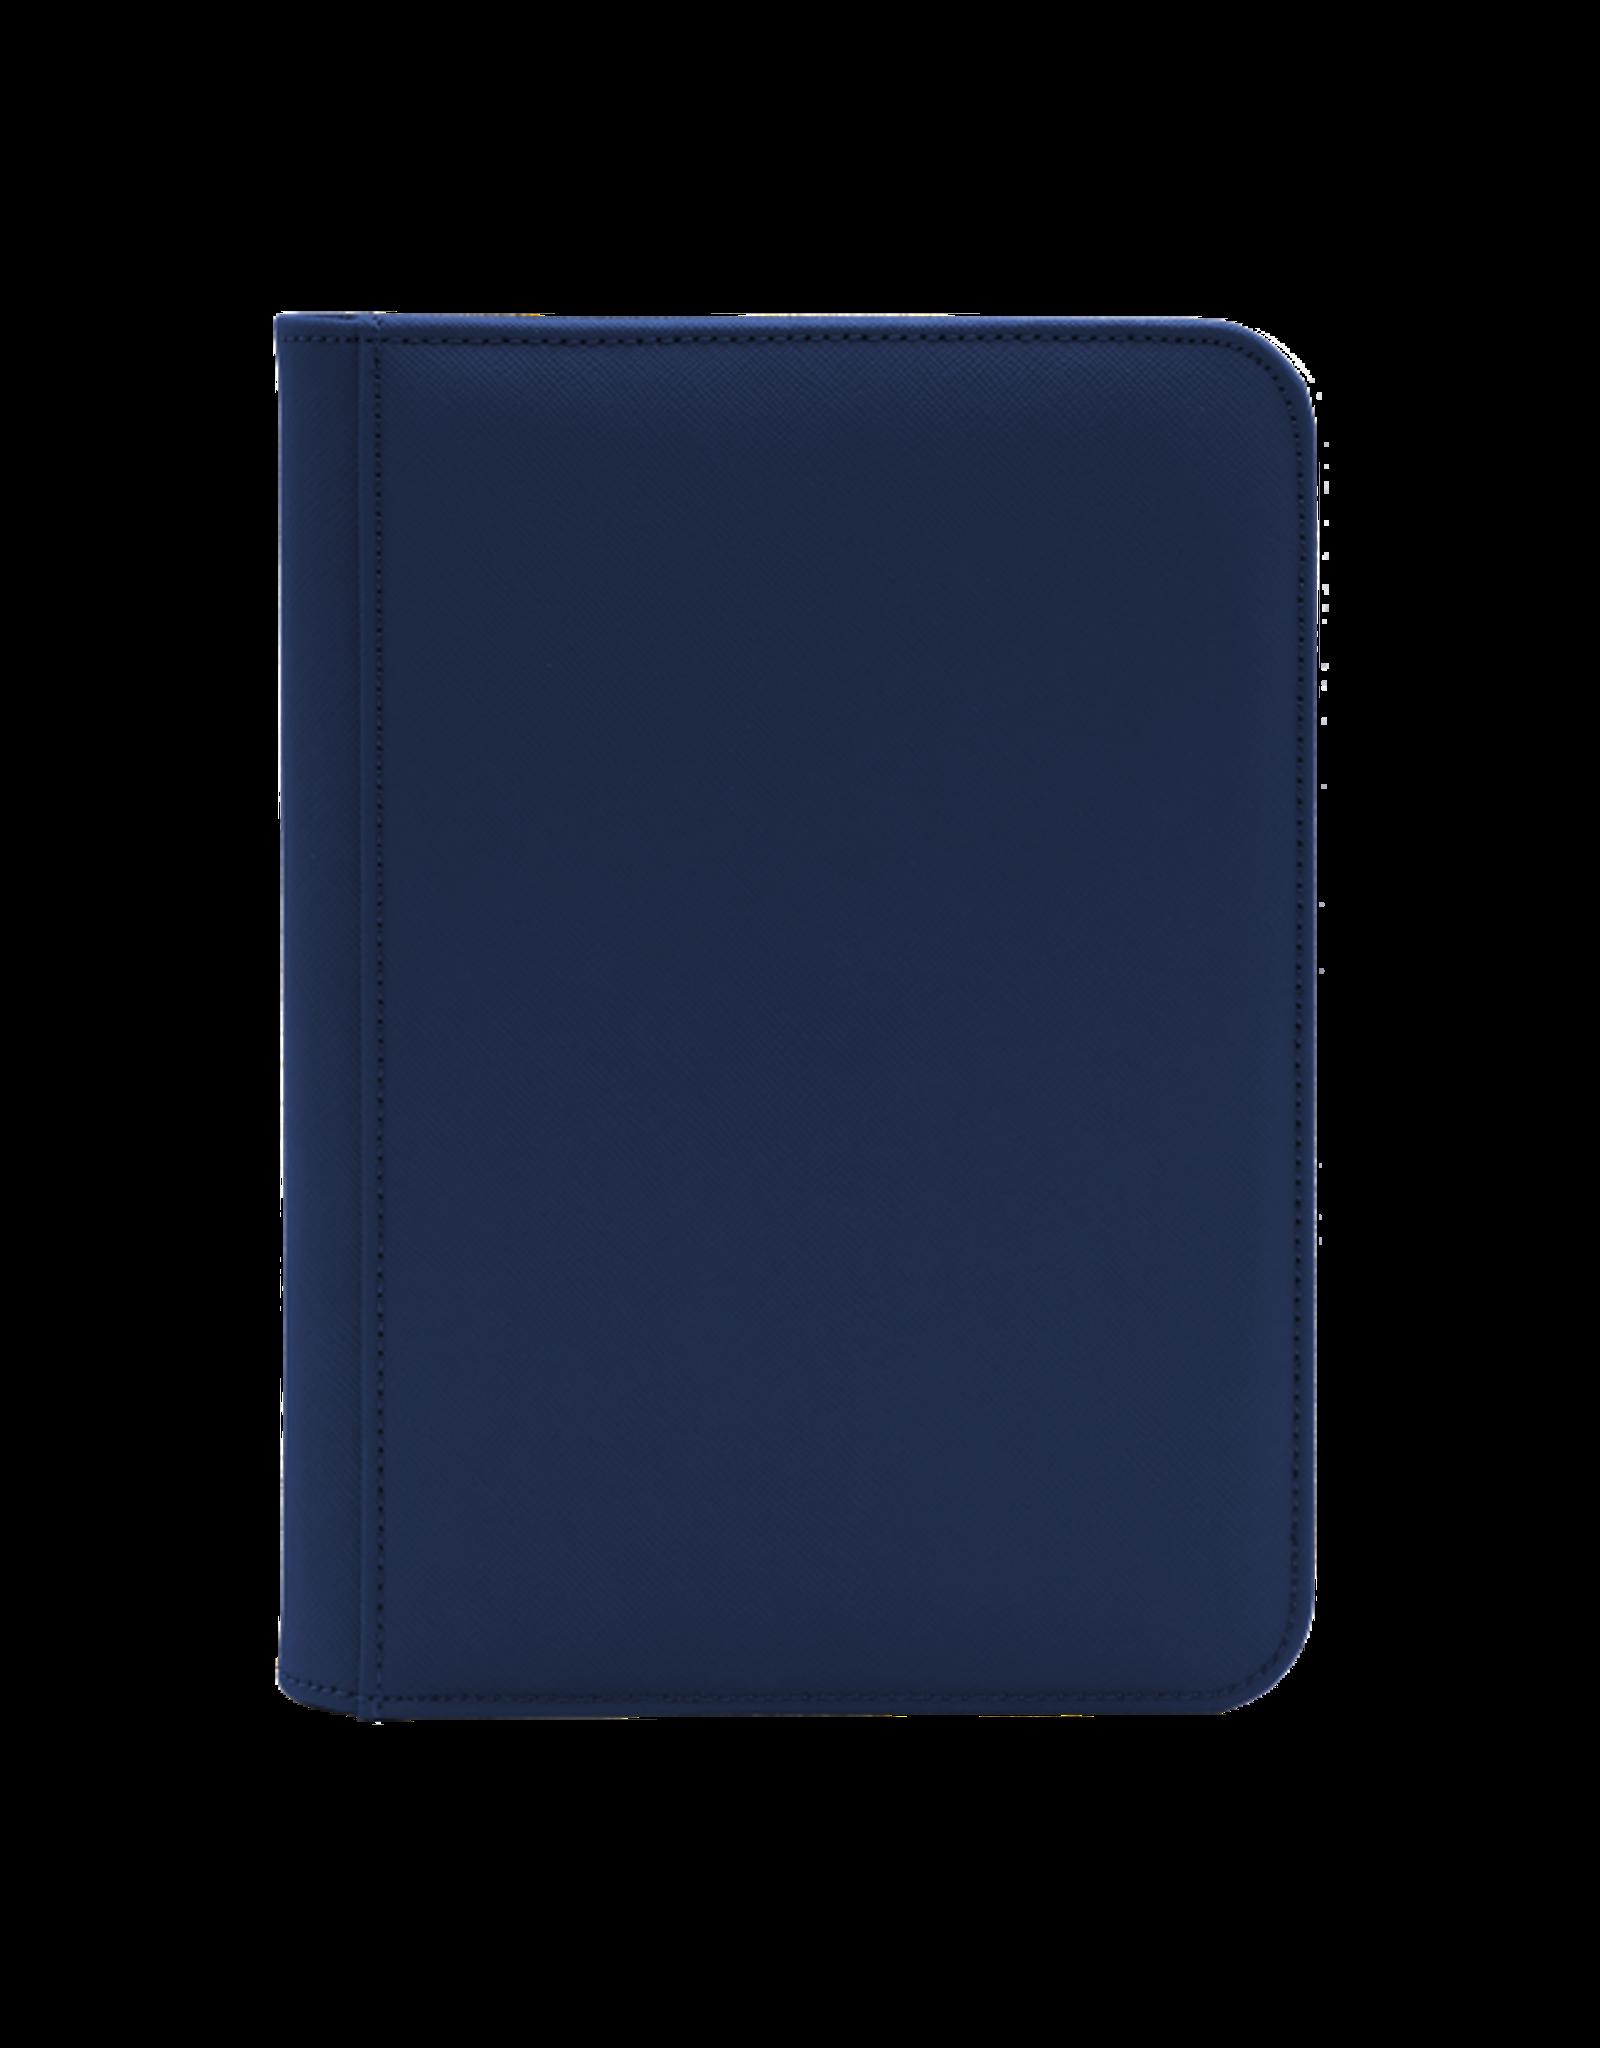 Dex Protection Dex Binder 4 Dark Blue